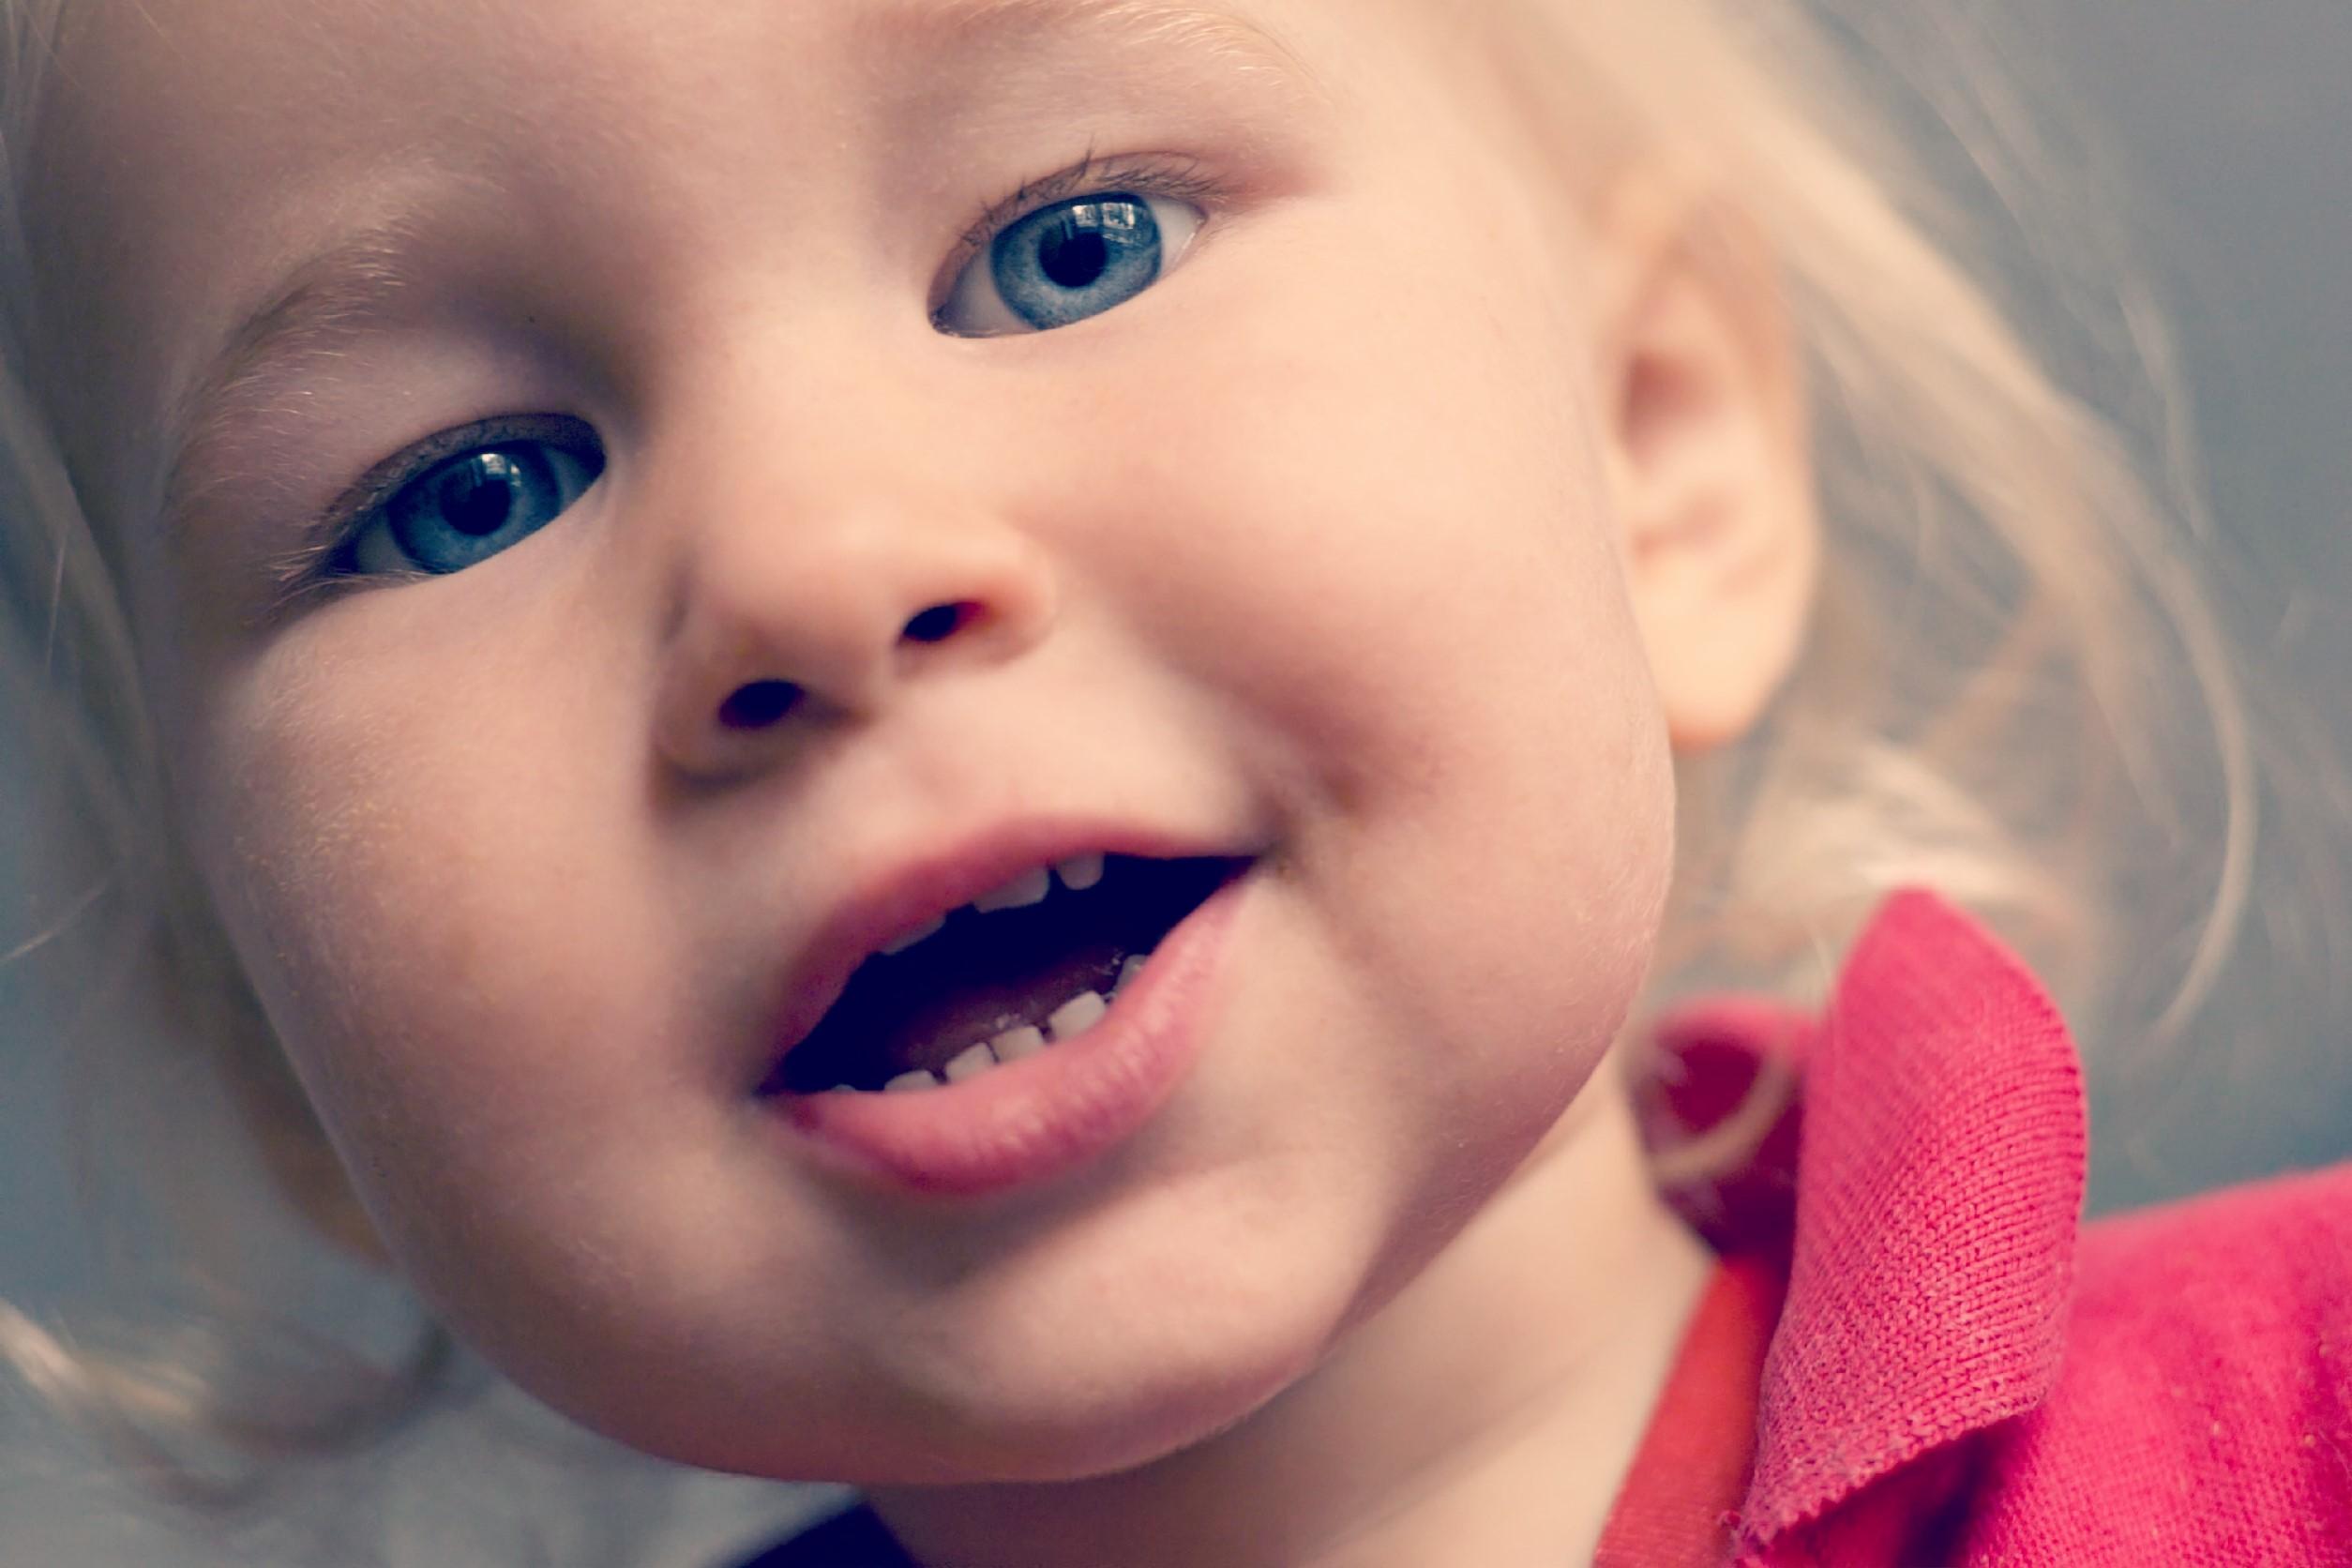 7e8bb2b43 Cuando una niña de 14 meses te explica lo que sienten los bebés con la  sociedad que hemos montado.